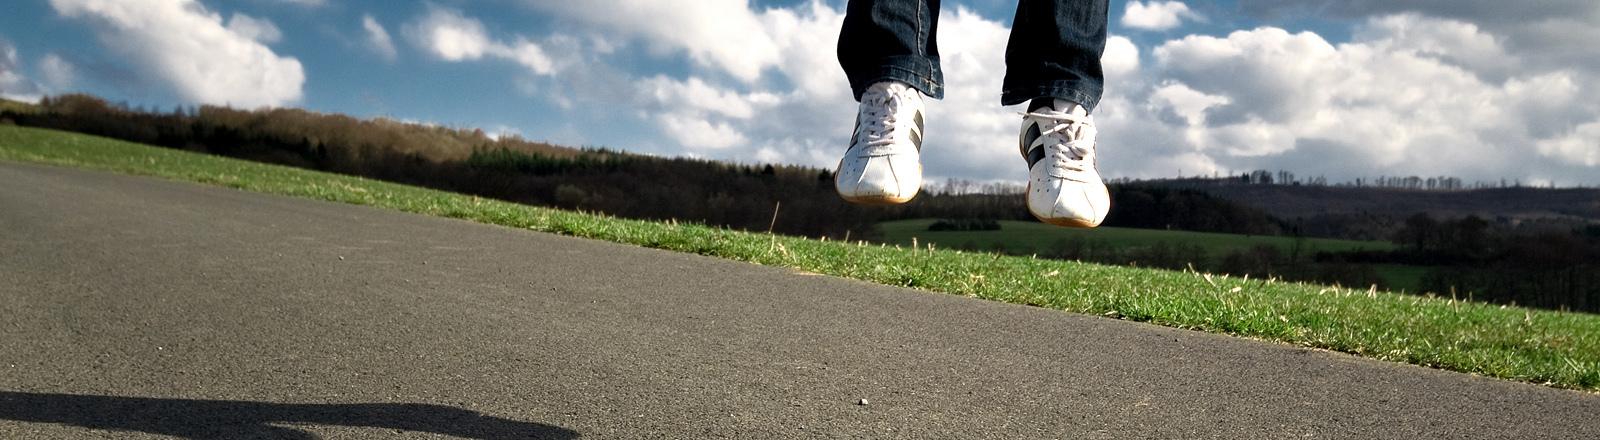 Zwei Füße stehen in der Luft über der Straße